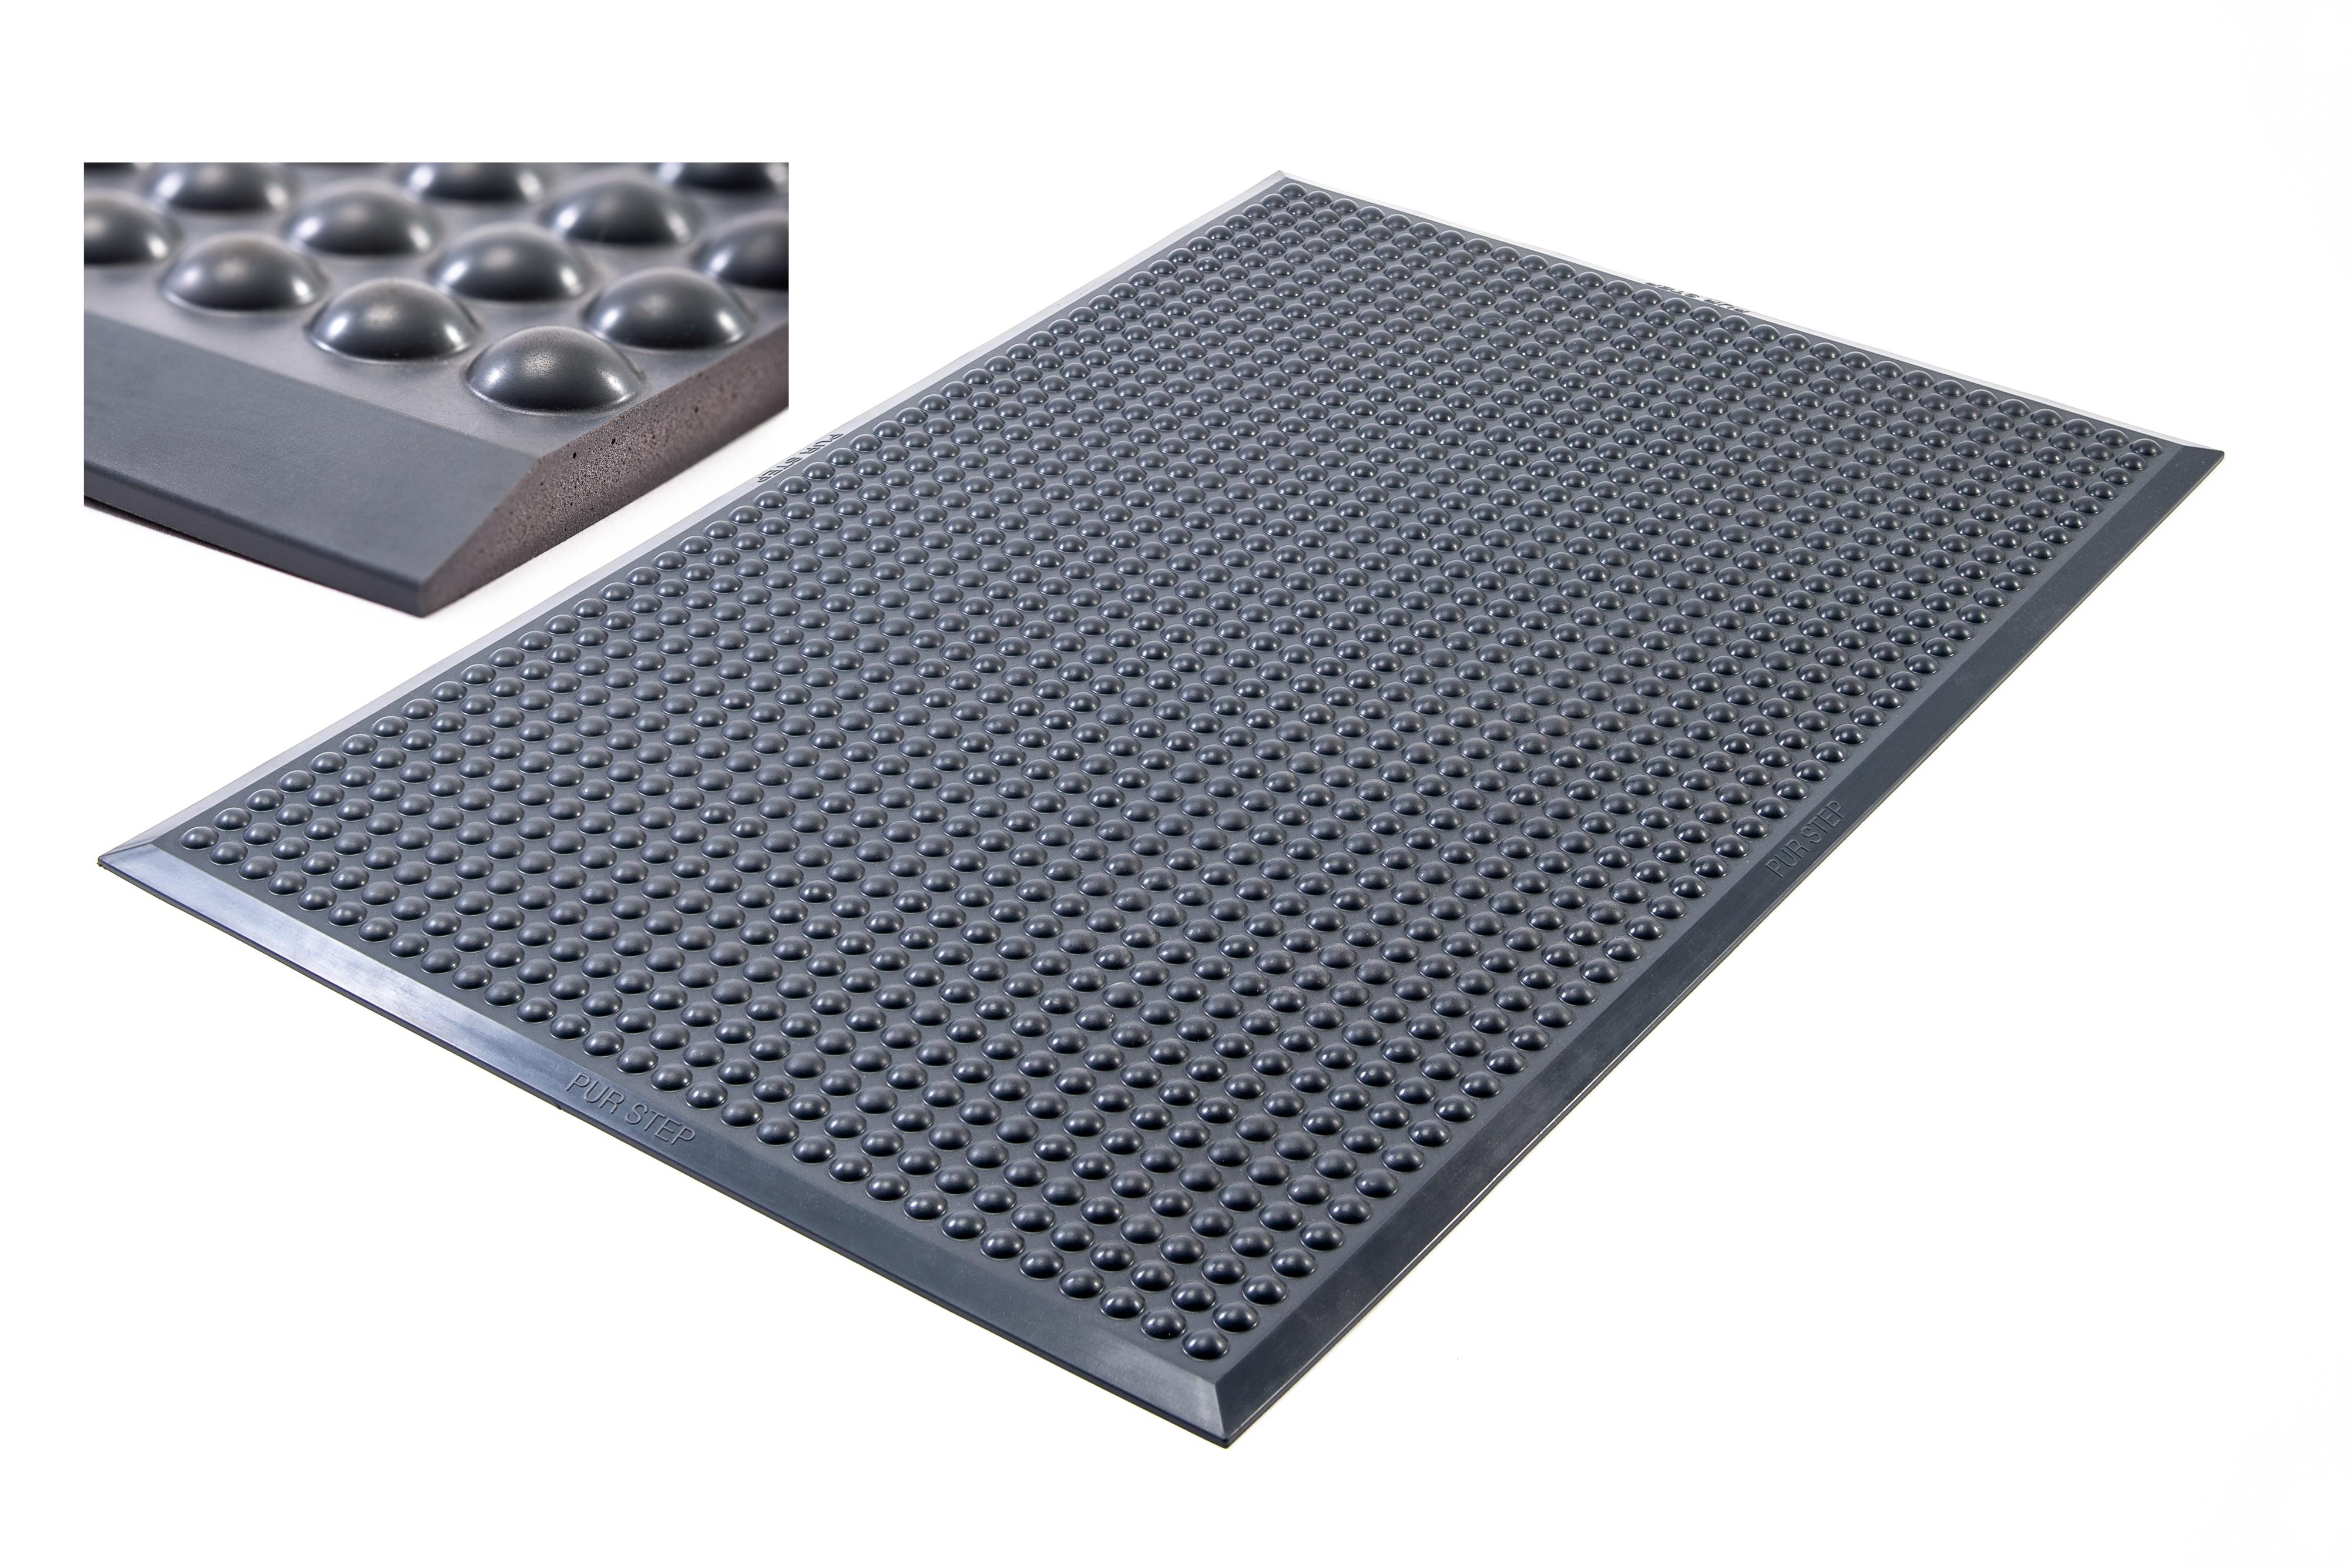 Pur-step mörkgrå arbetsmatta för ståbord